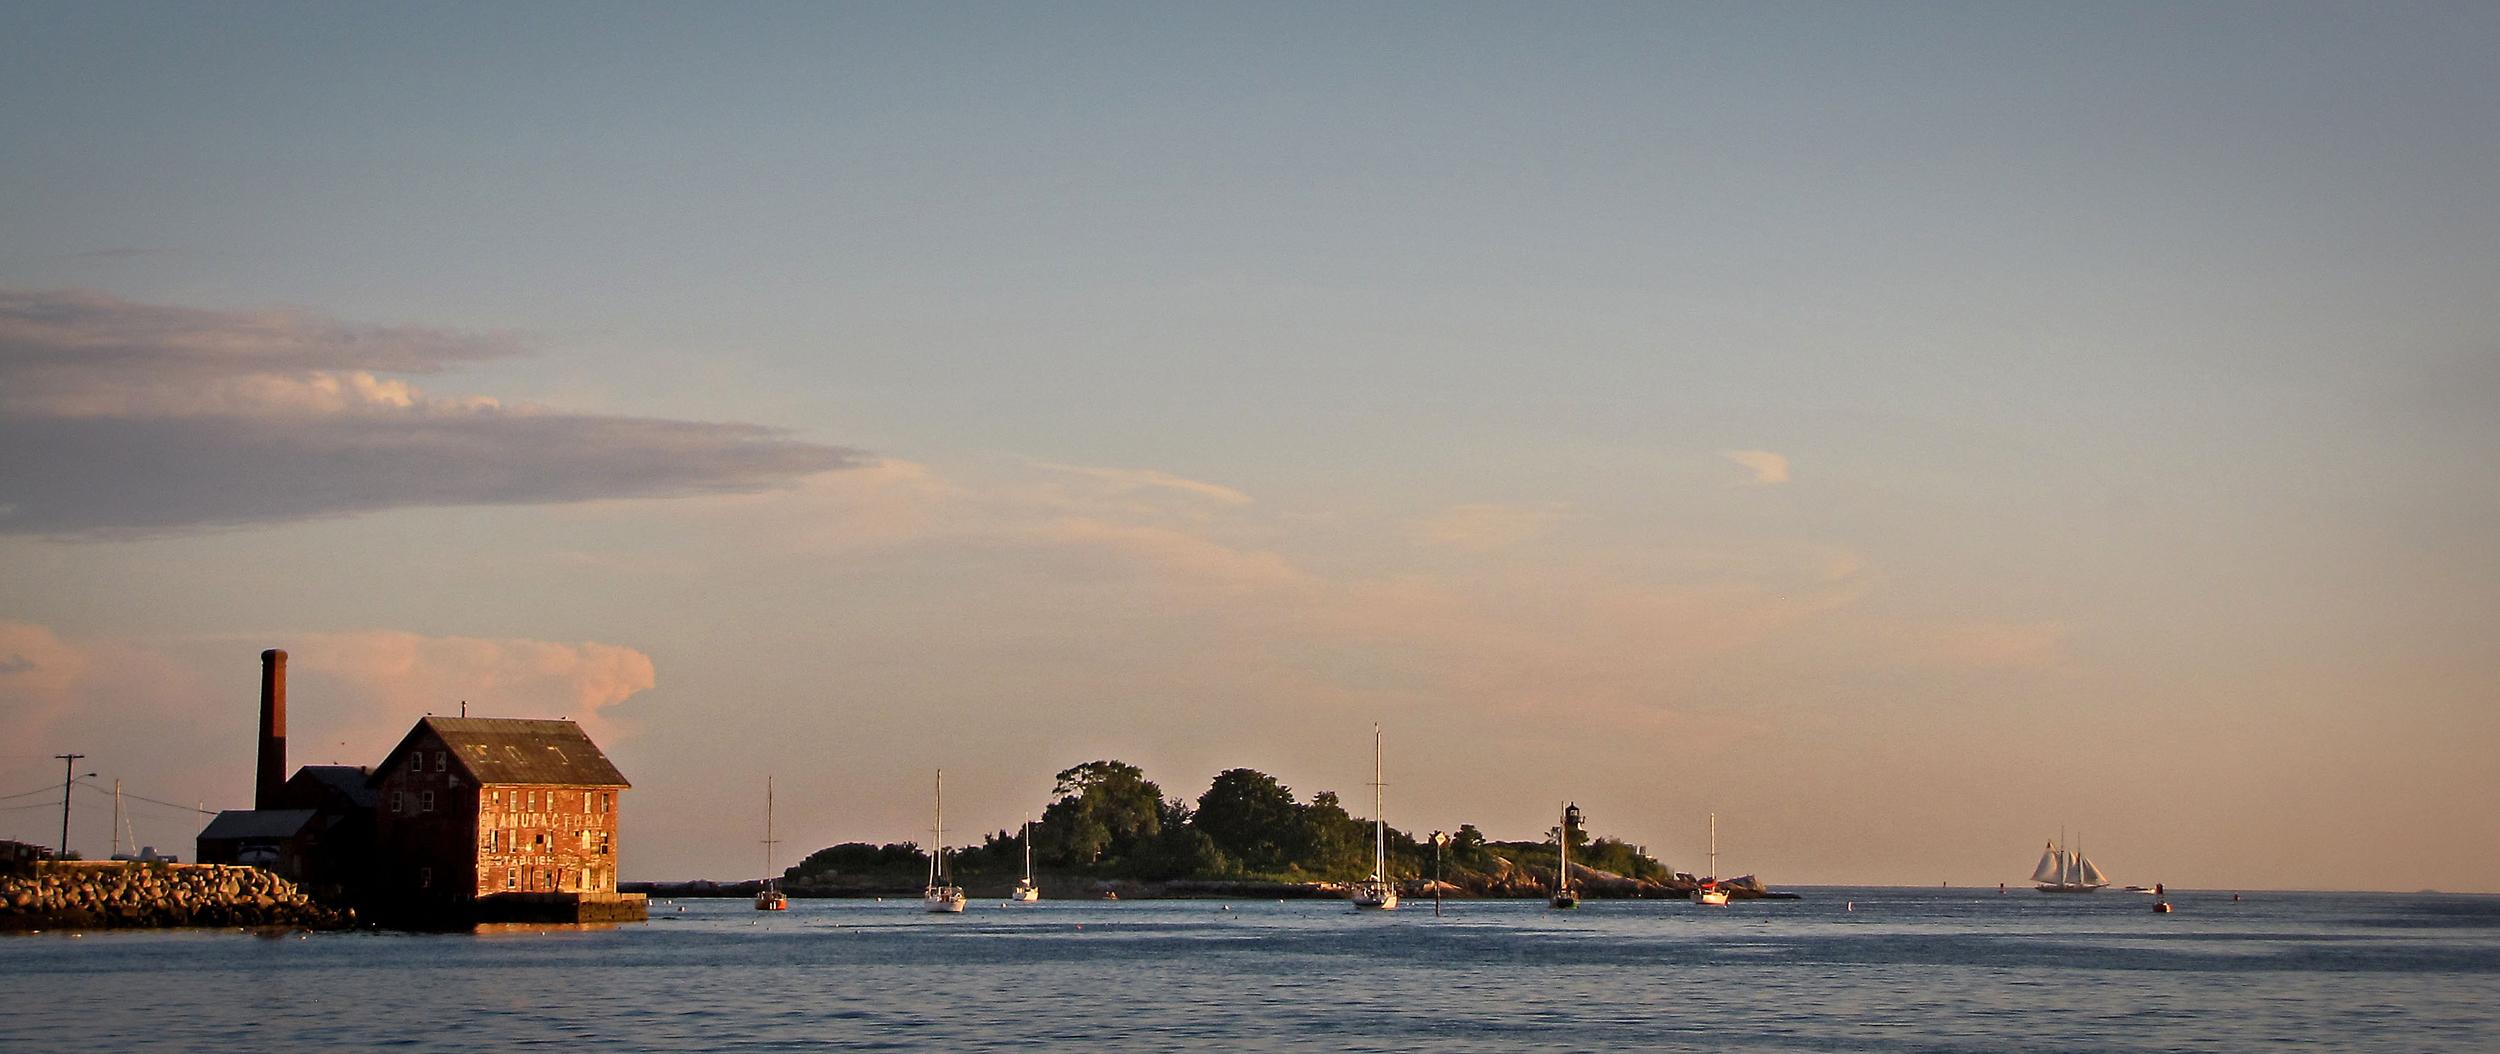 Fitz Henry Lane Light - Gloucester Harbor